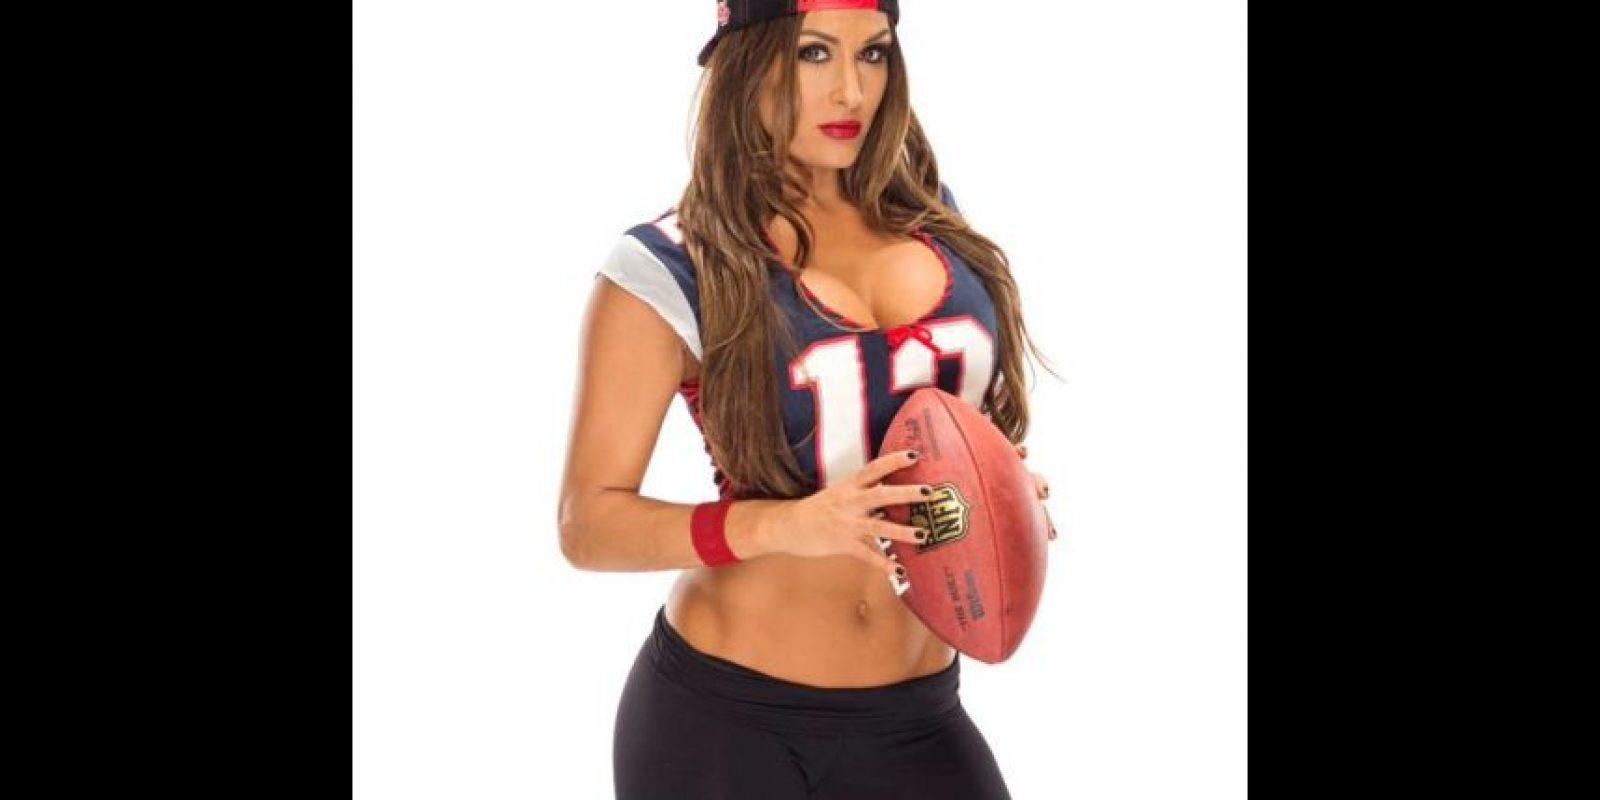 Nikki estuvo casada a los 20 años, pero se divorció a los 23. Foto:WWE